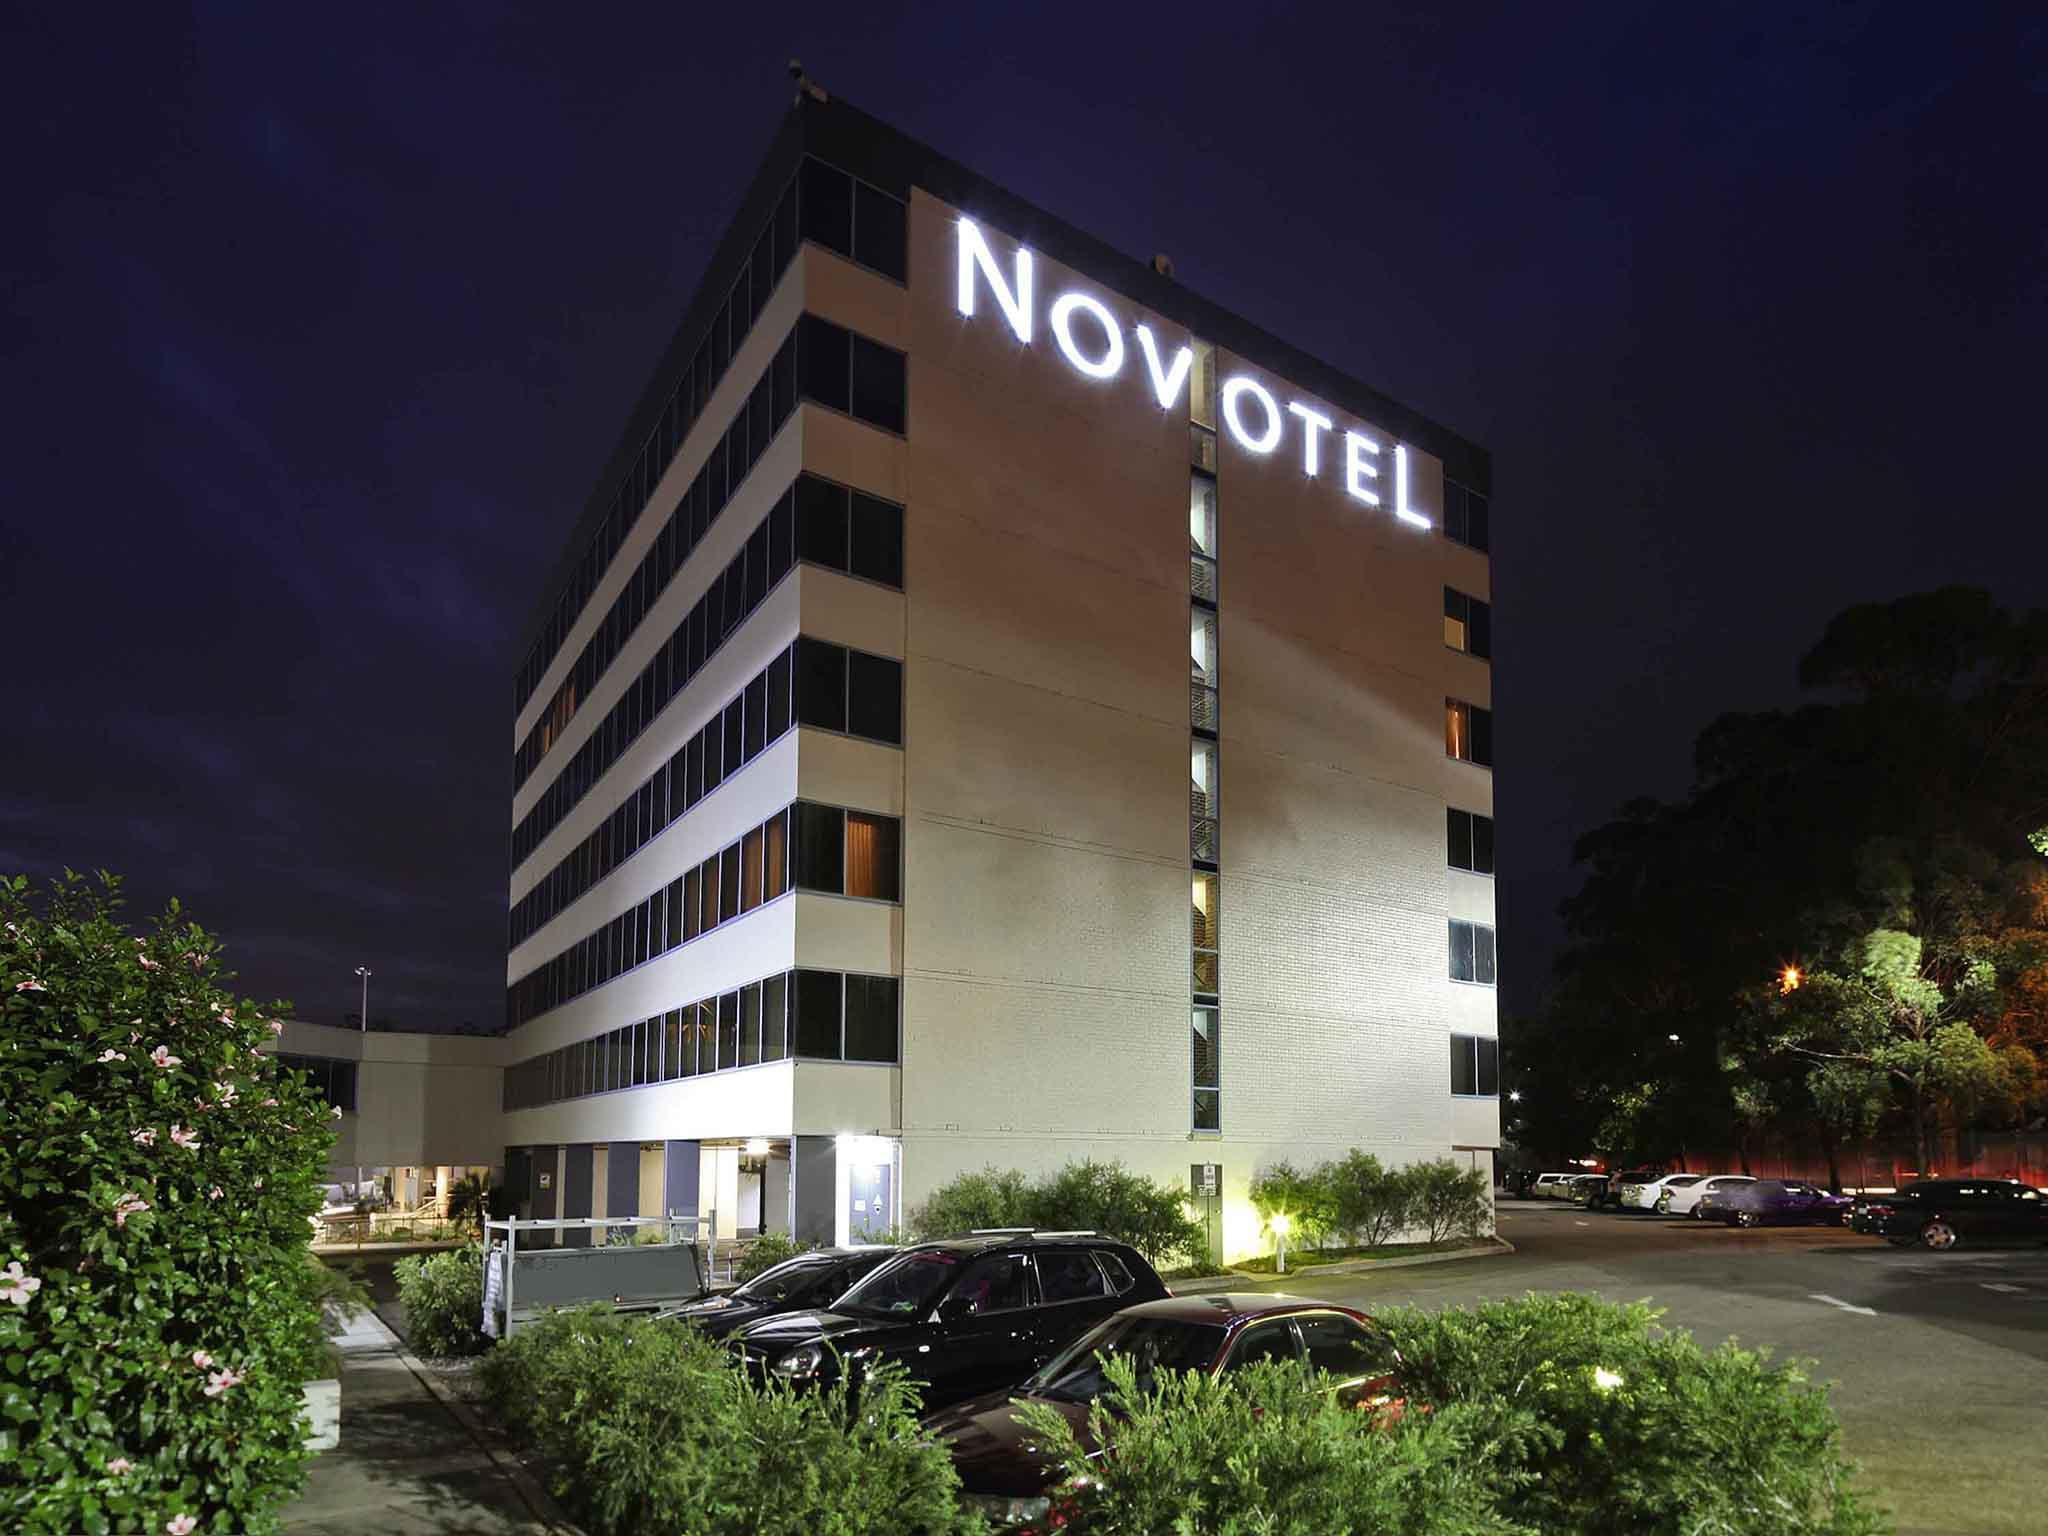 酒店 – 悉尼乐蒂山诺富特酒店